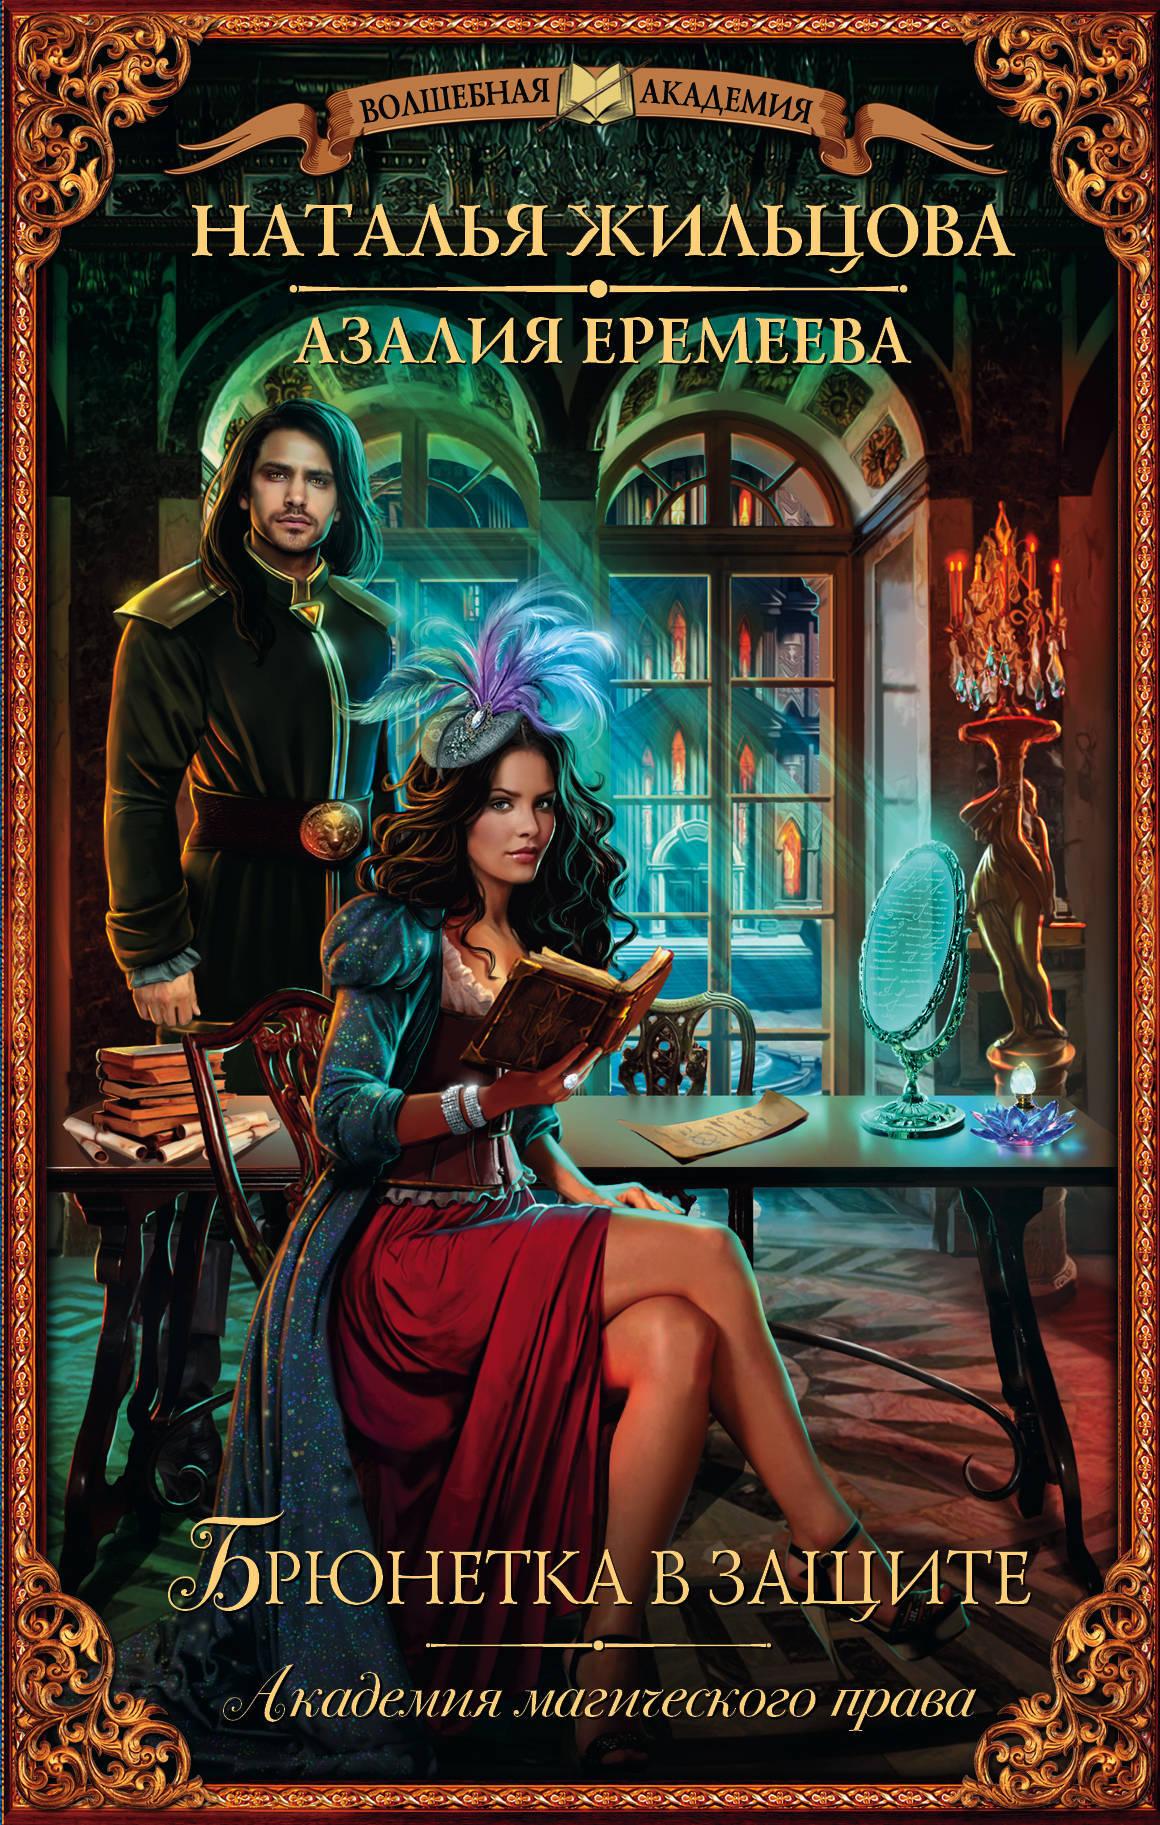 Читать онлайн бесплатно и без регистрации книги про школы магии гадание на ситуацию на картах игральных